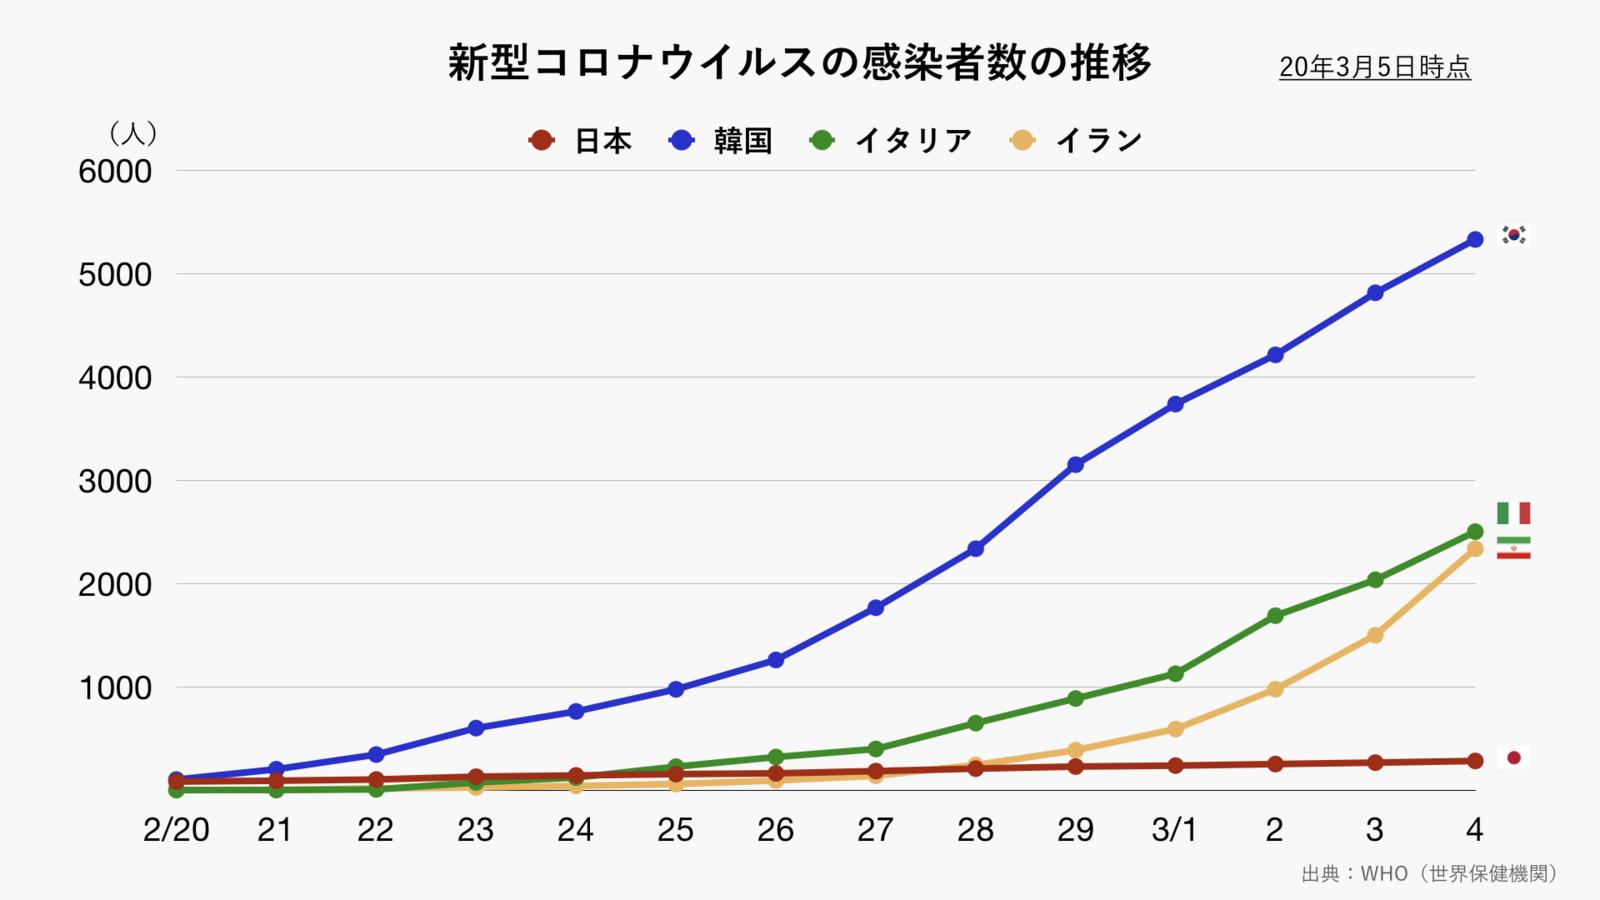 新型コロナウイルスの感染者数の推移(グレー)